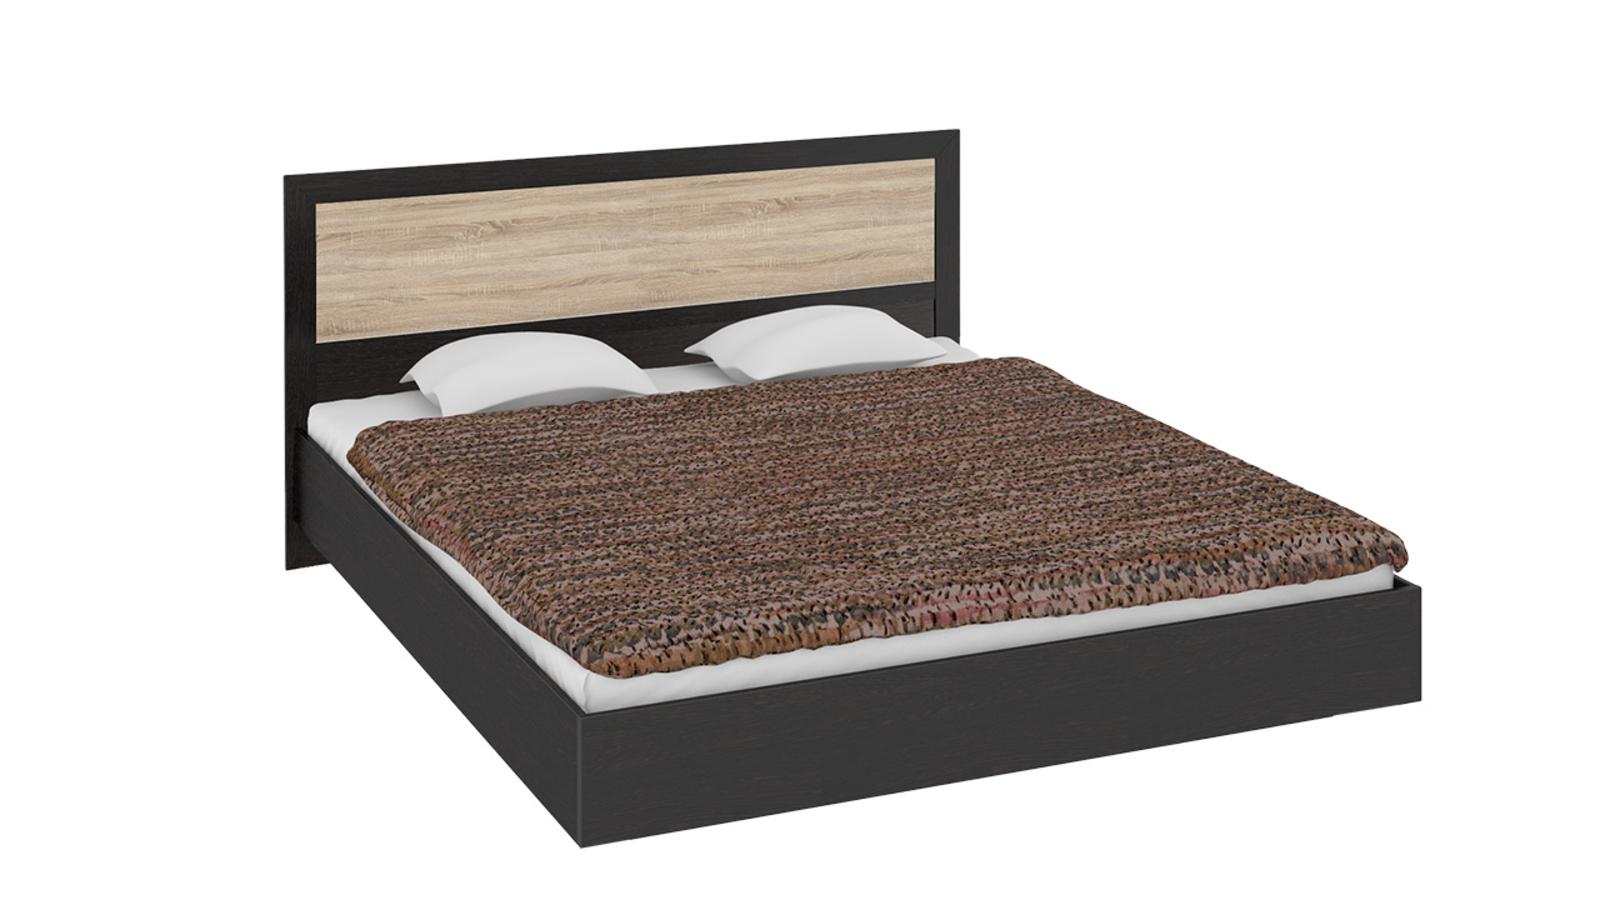 Кровать каркасная Дельта с ортопедическим основанием (венге цаво/дуб сонома)